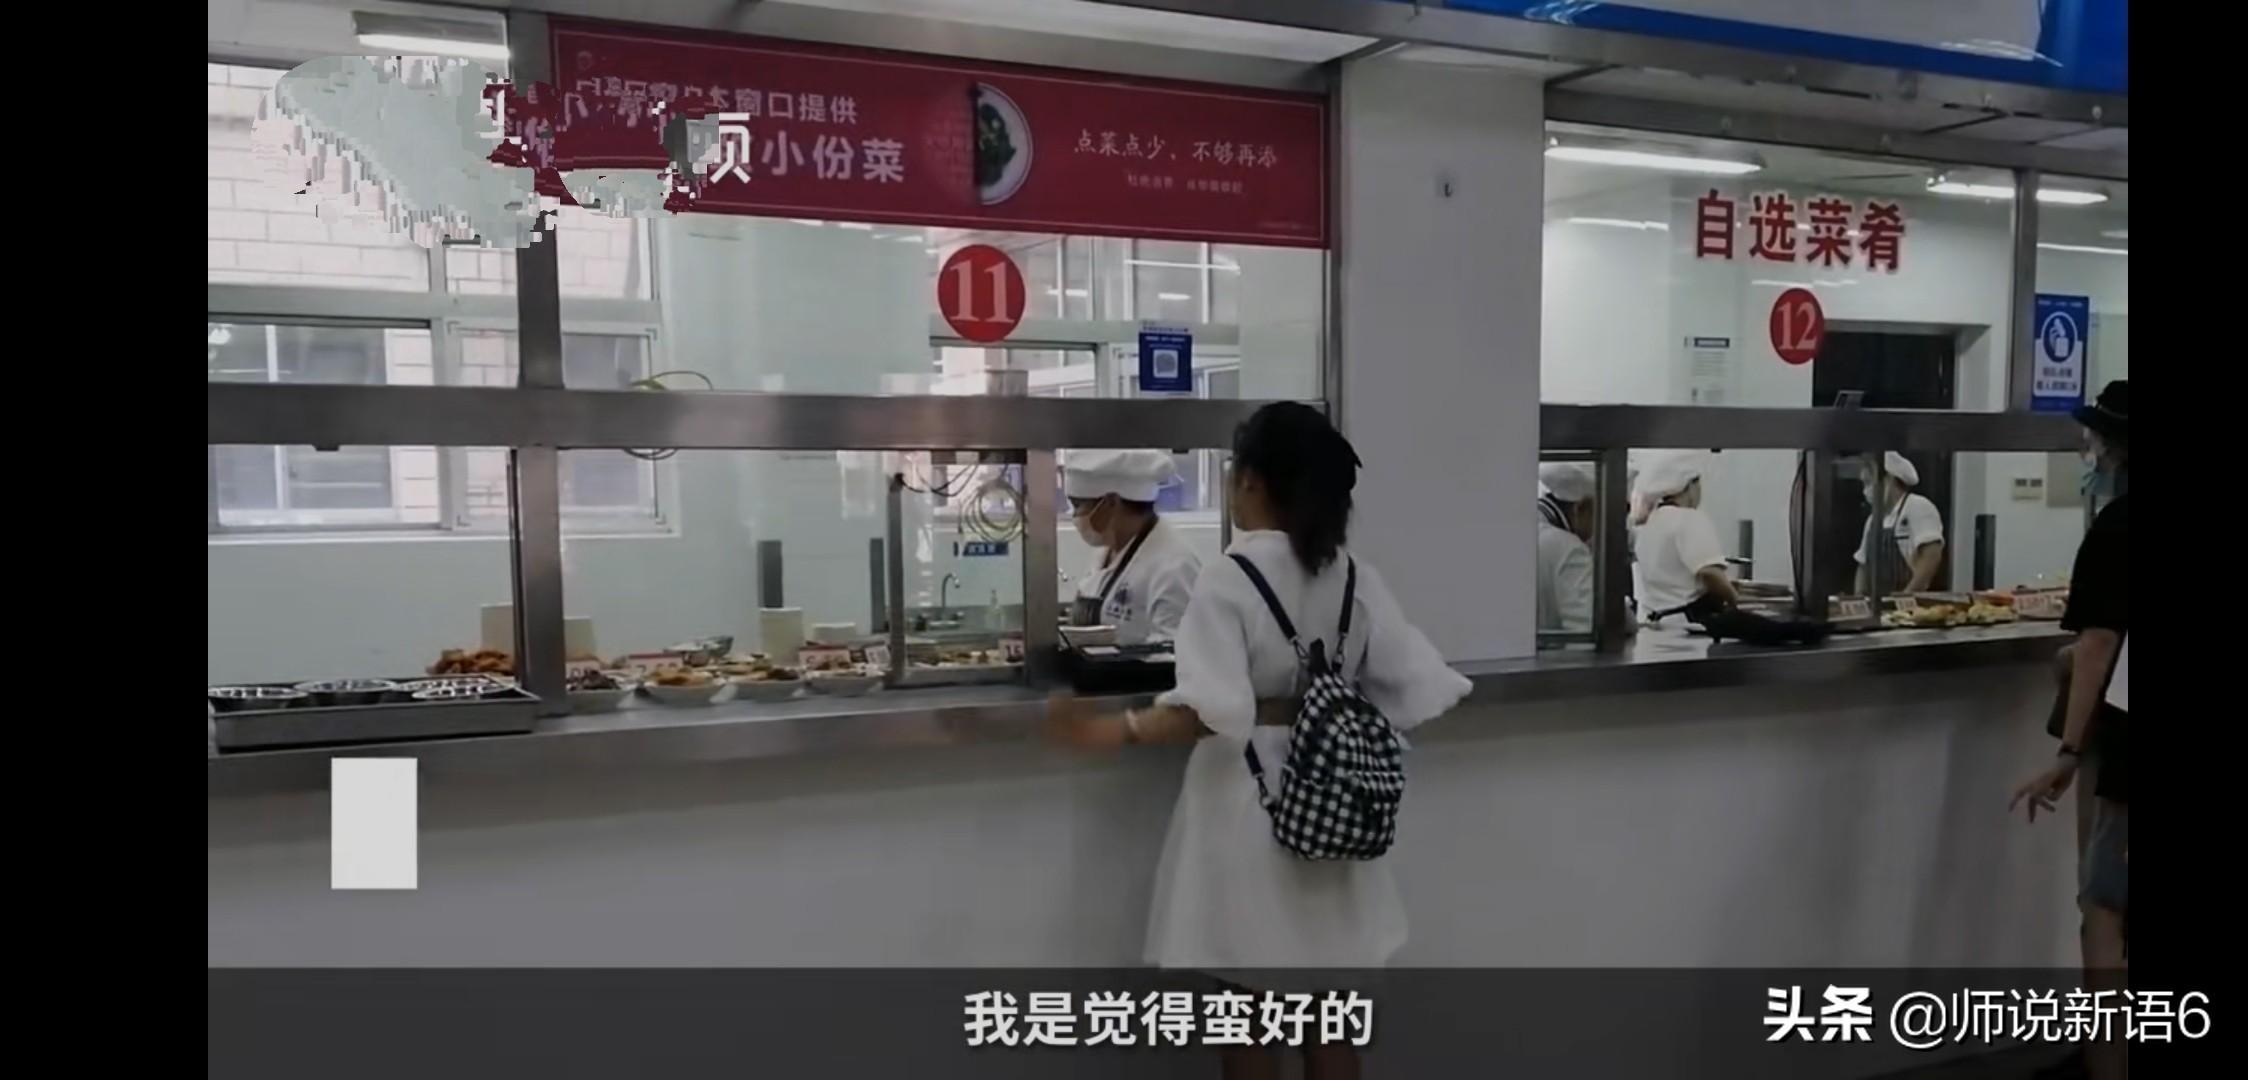 上海大学食堂推小鸟胃专属餐 这一招实在是太管用了